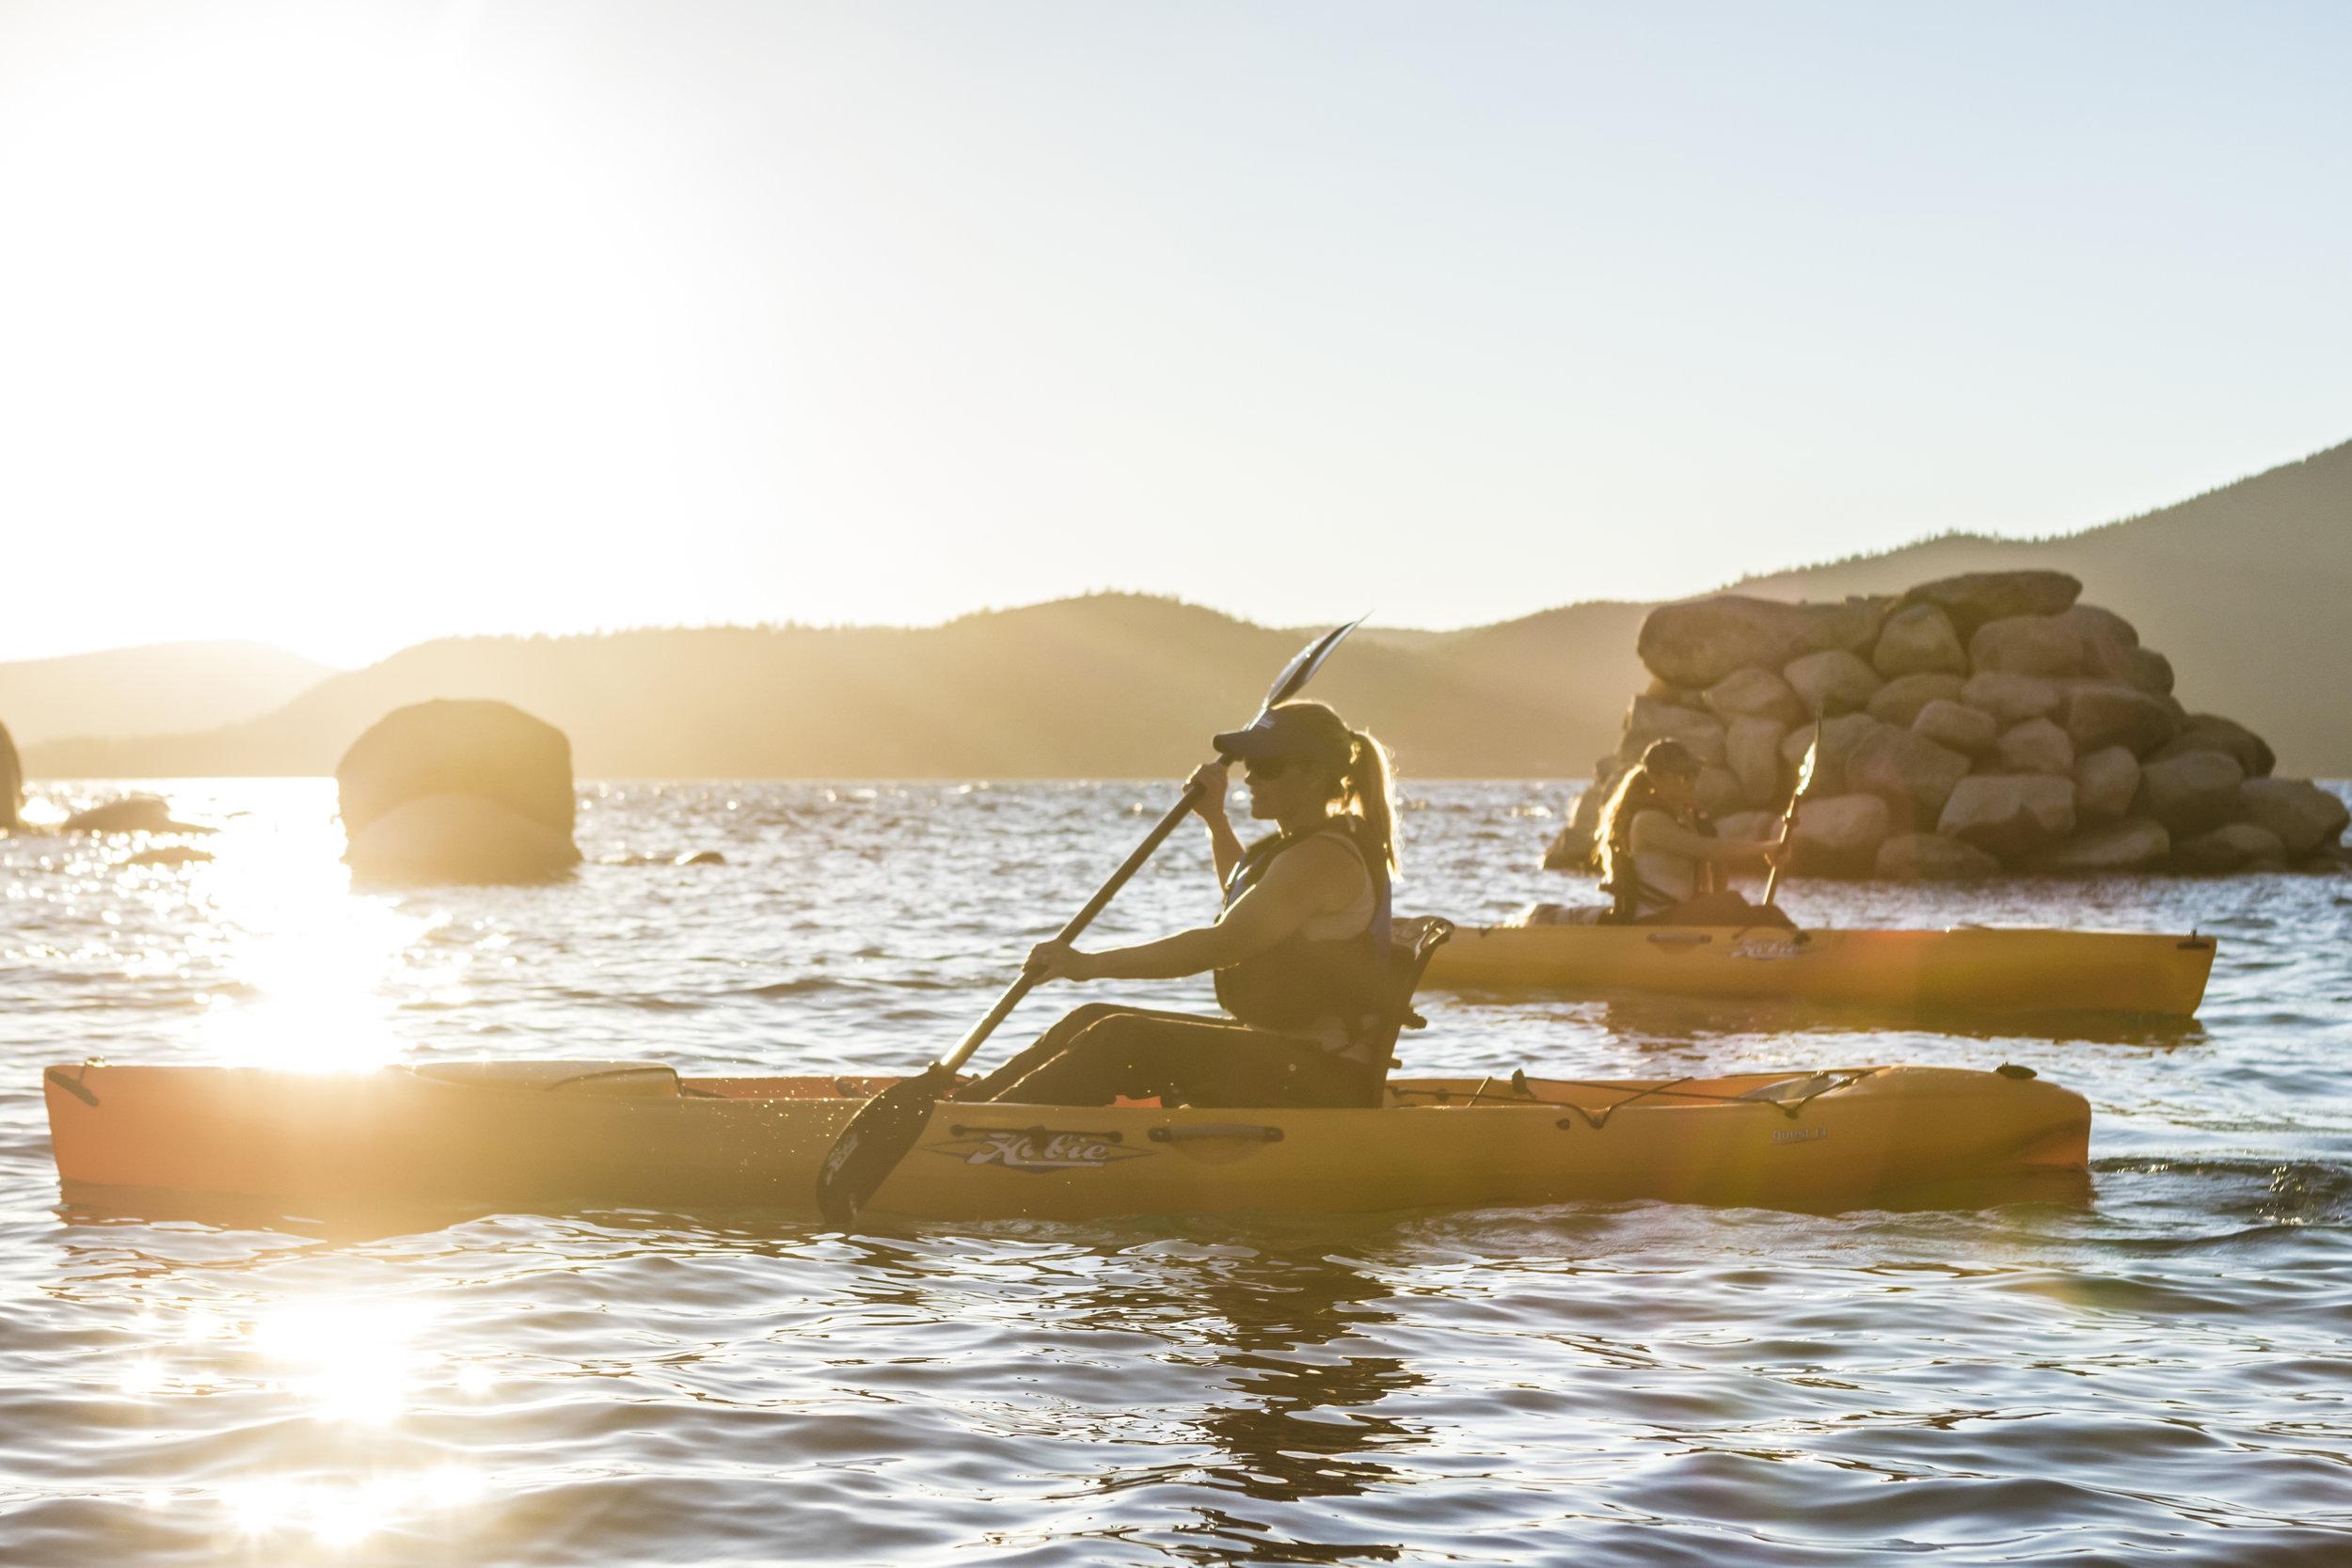 Quest_action_Tahoe_girls_Kim_sunset_1627_full.jpg